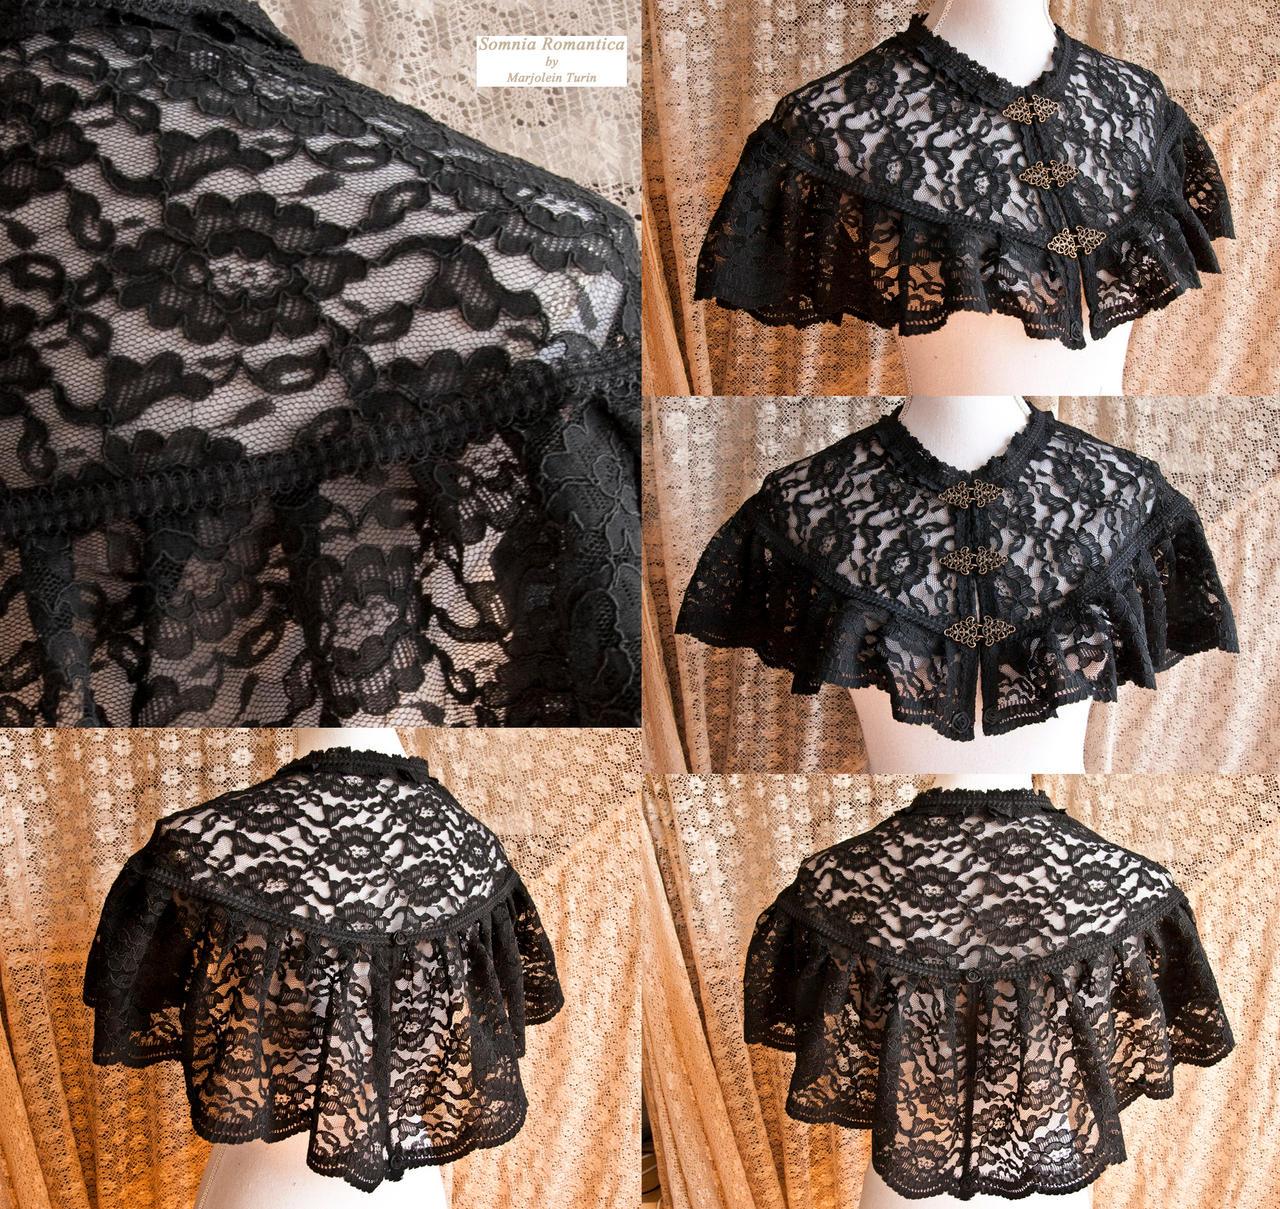 Capelet black lace, somnia romantica by M Turin by SomniaRomantica